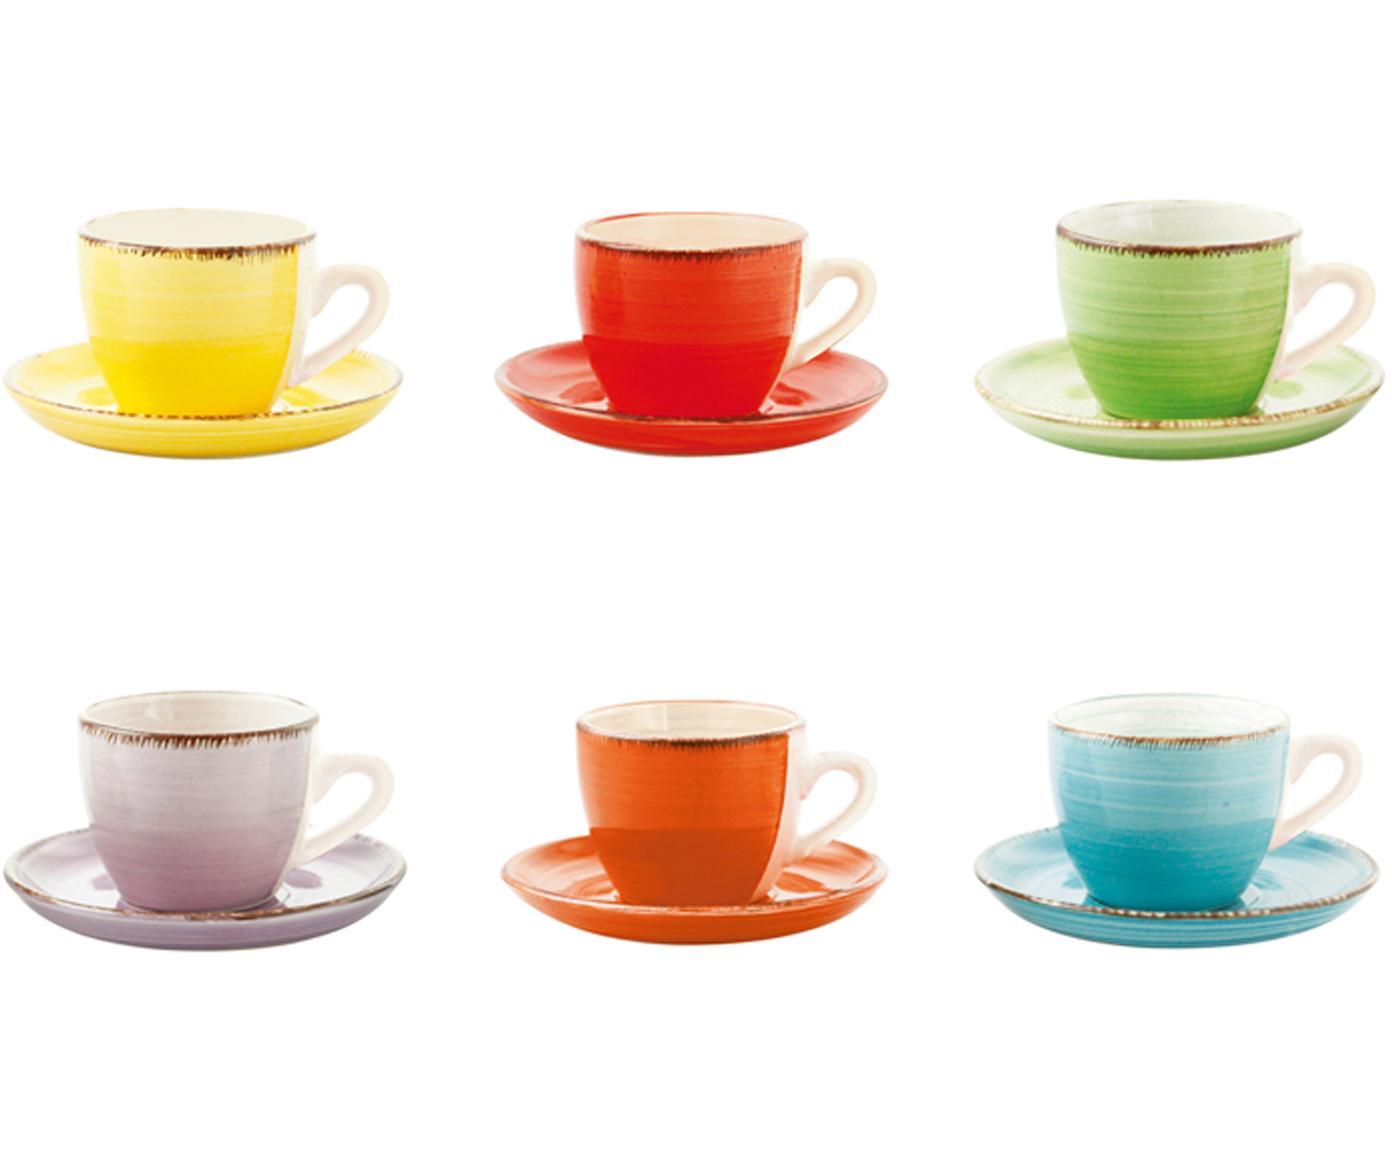 Set tazzine da caffè Baita, 12 pz., Gres, Giallo, rosso, verde chiaro, lilla, arancione, azzurro, 90 ml